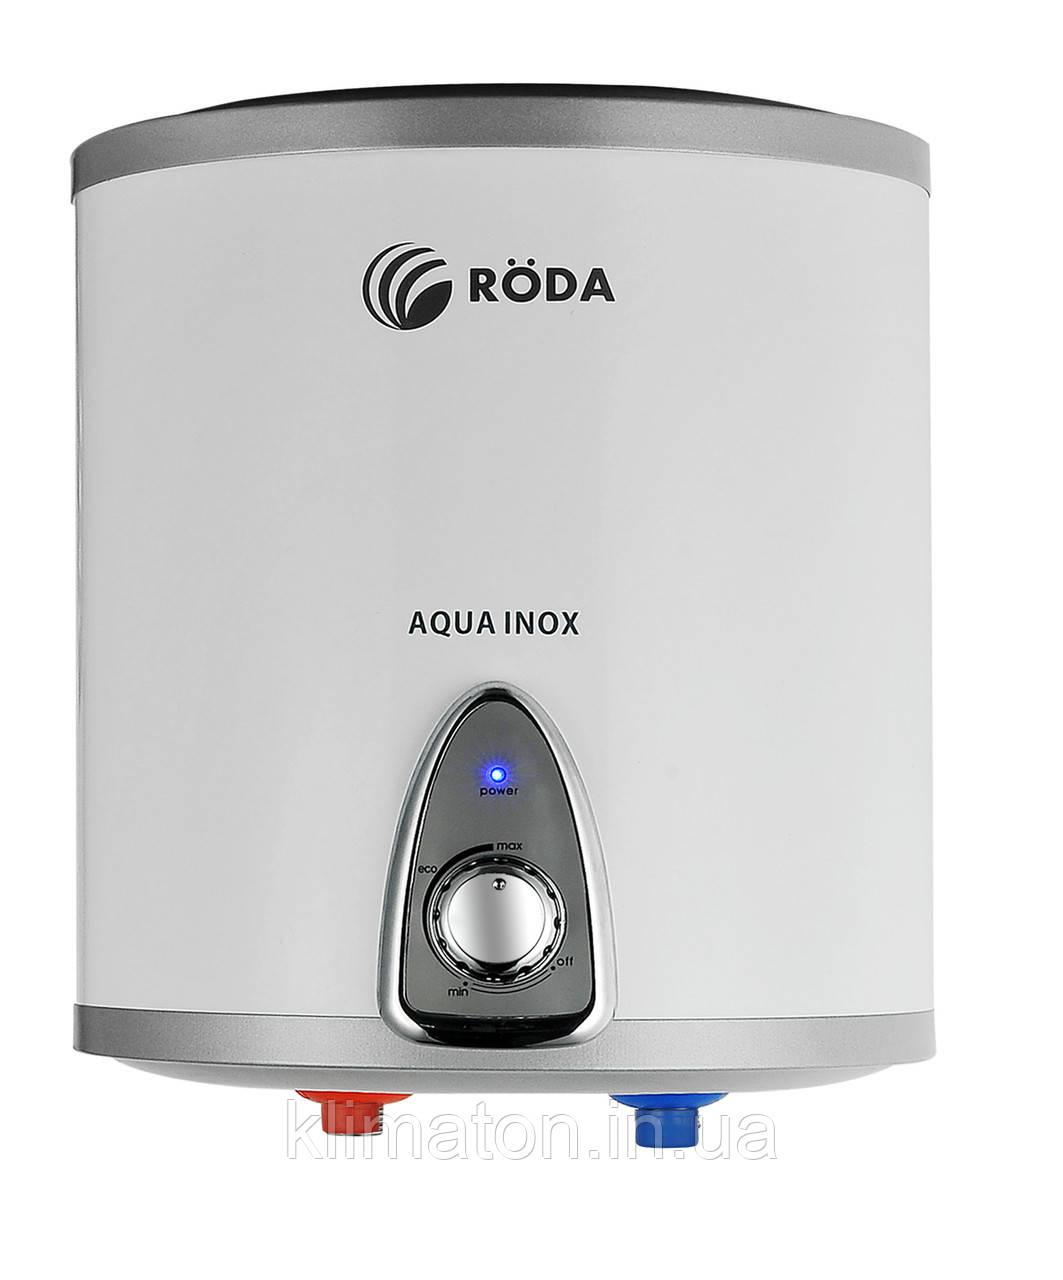 Водонагреватель RODA компакт Aqua INOX 15 VM